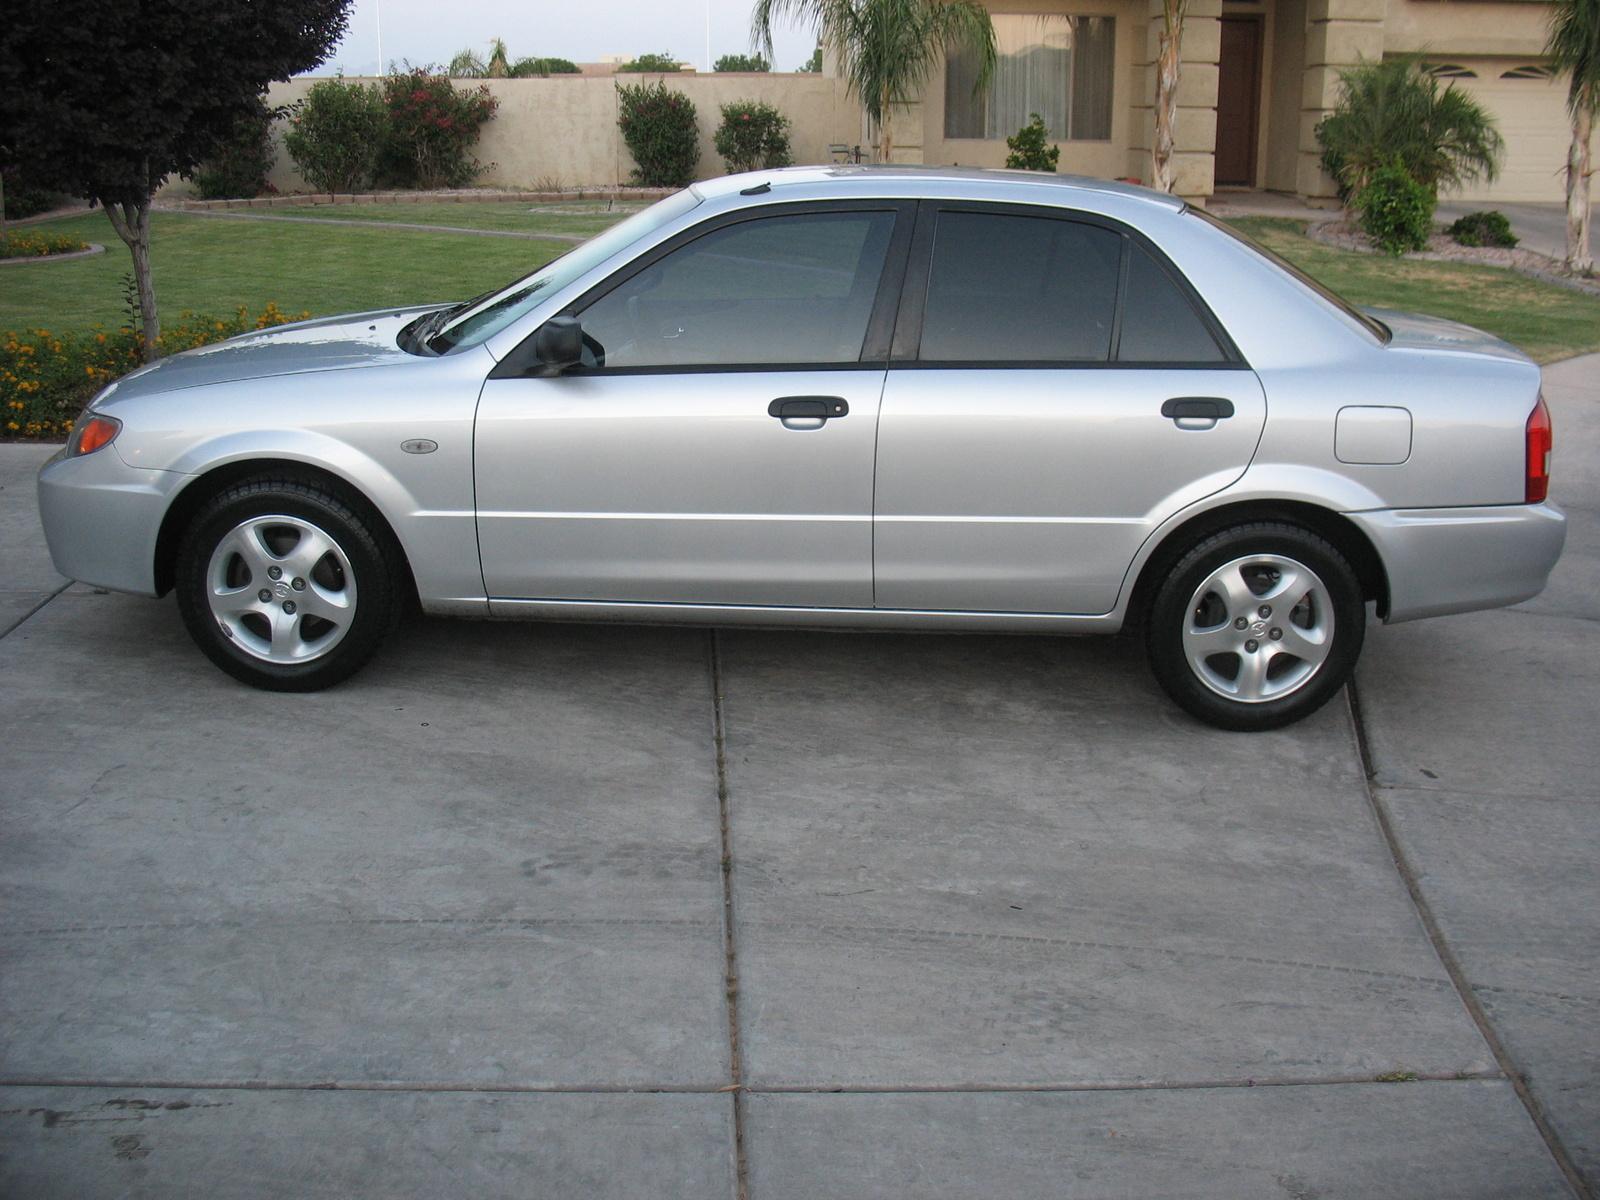 2002 Mazda Protege Pictures Cargurus